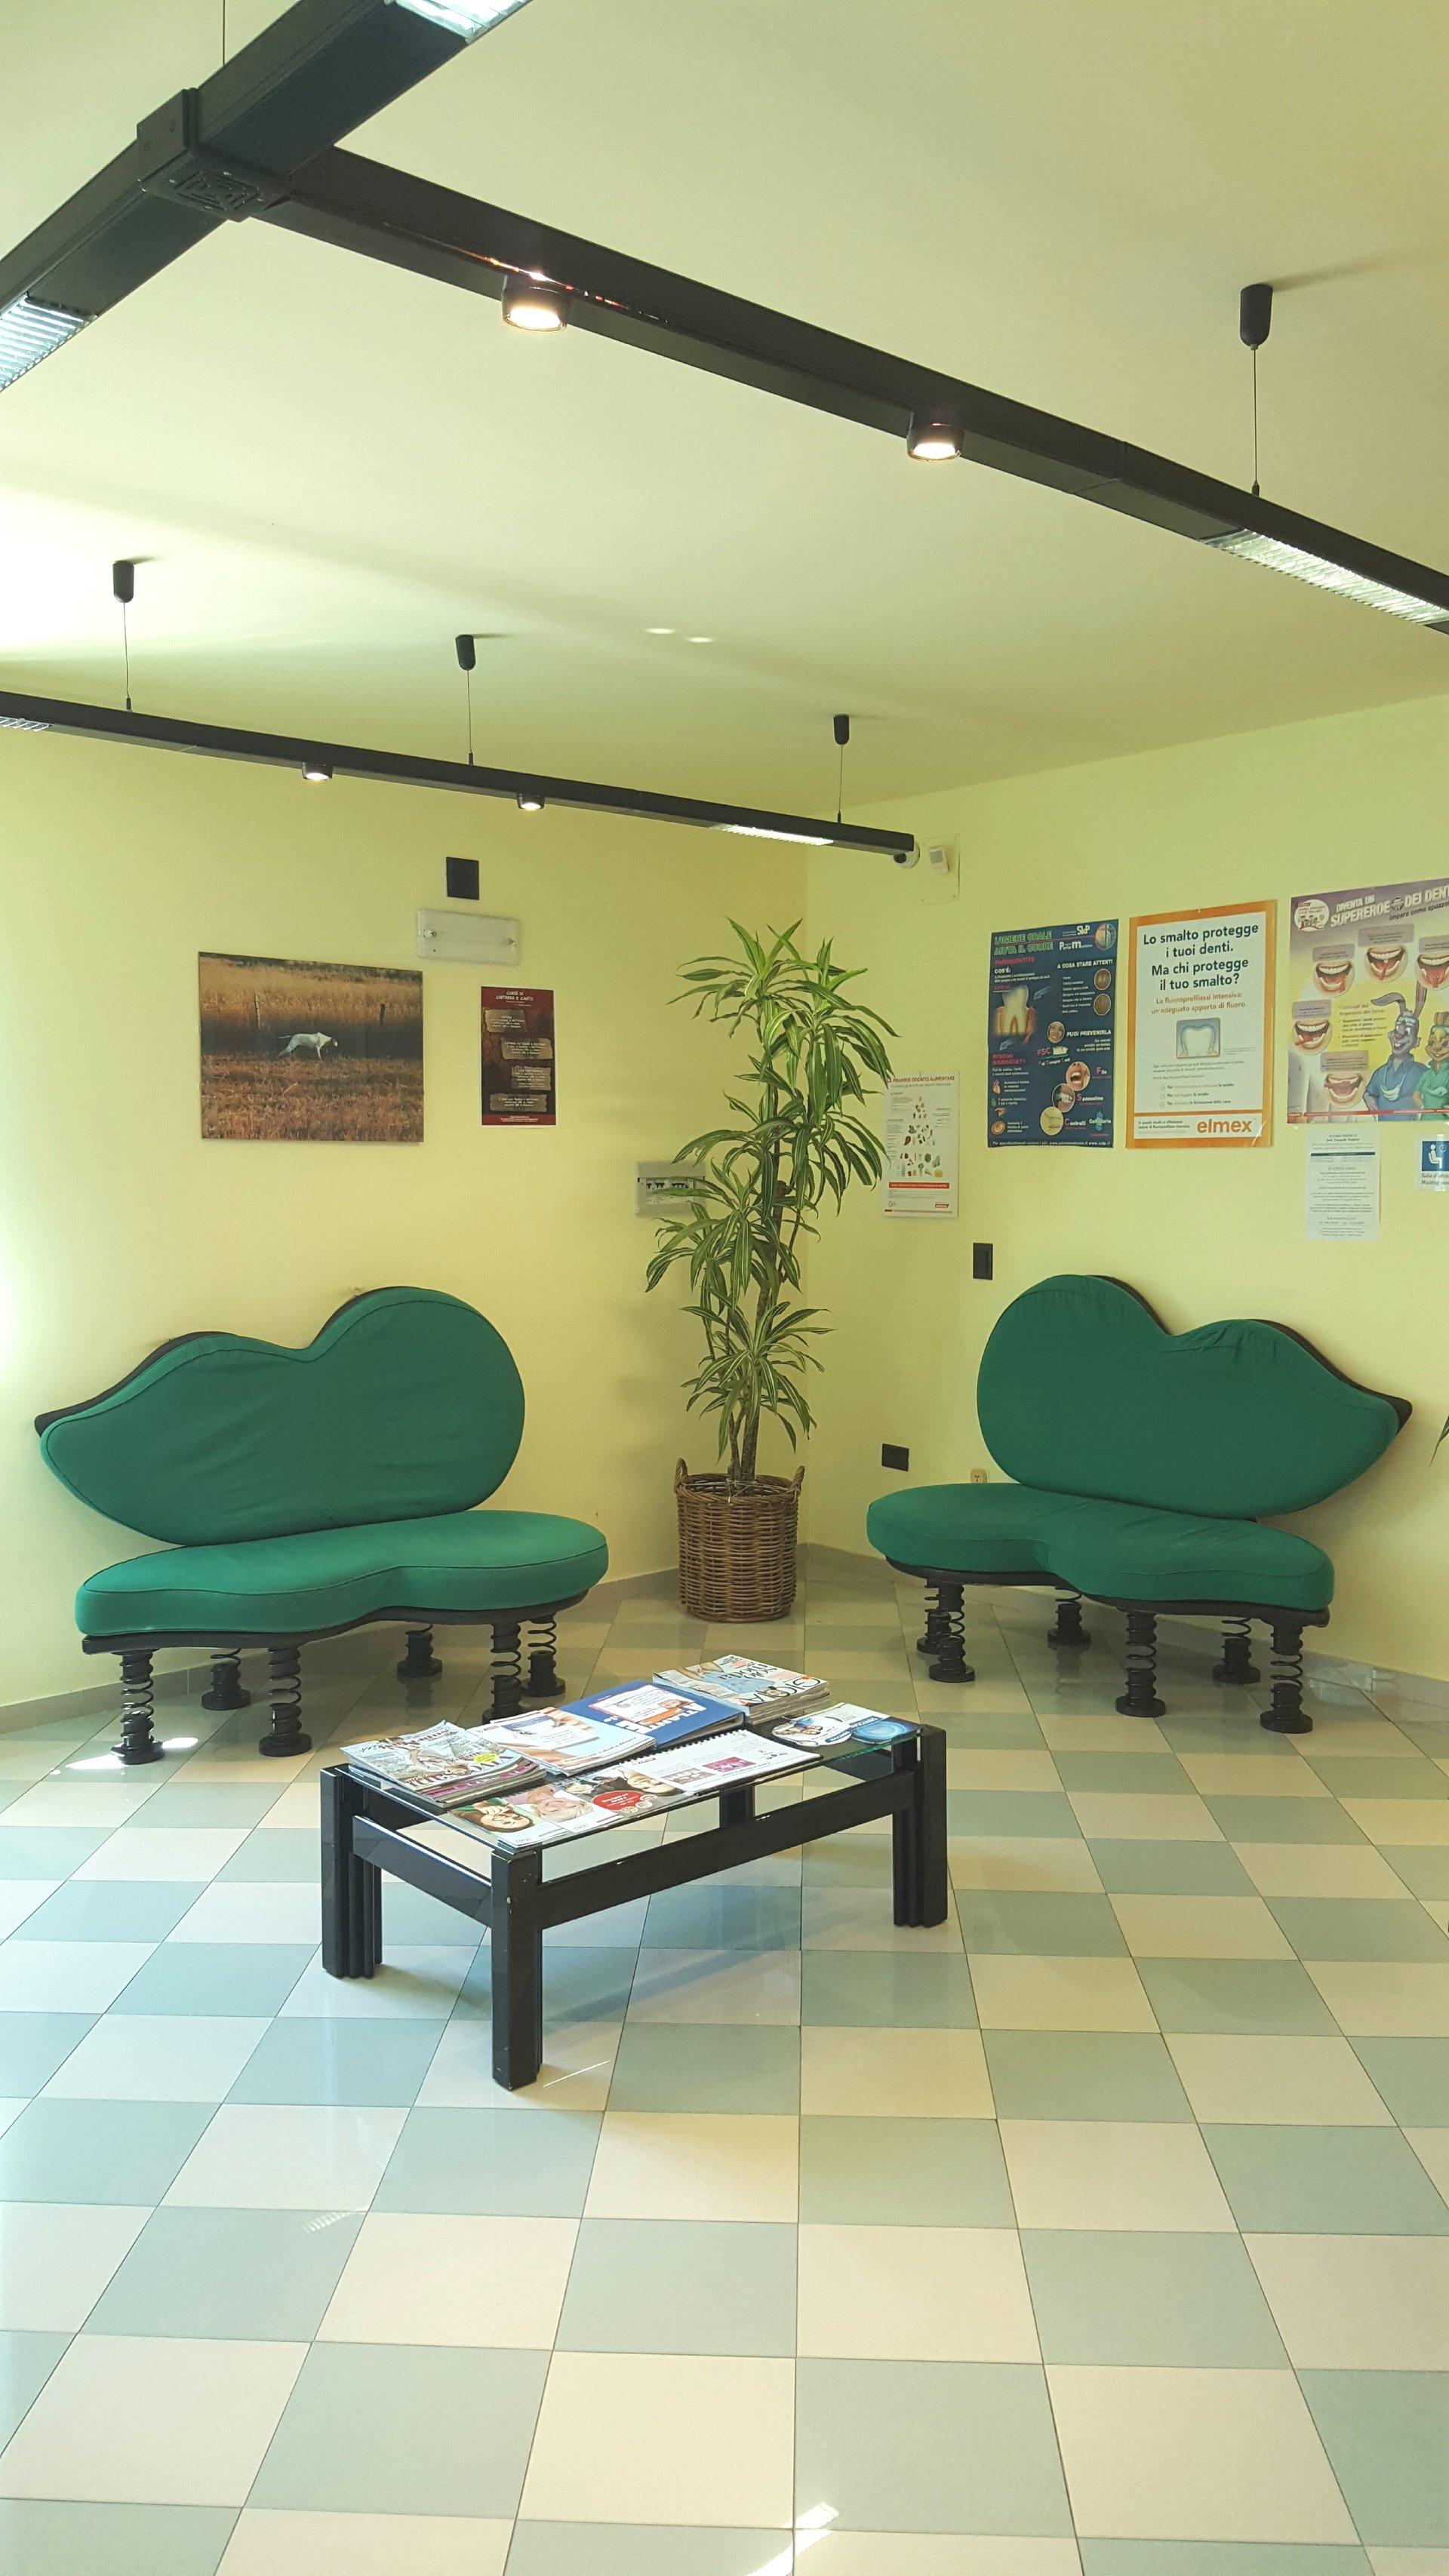 sala d'attesa con due poltrone verdi e un tavolino